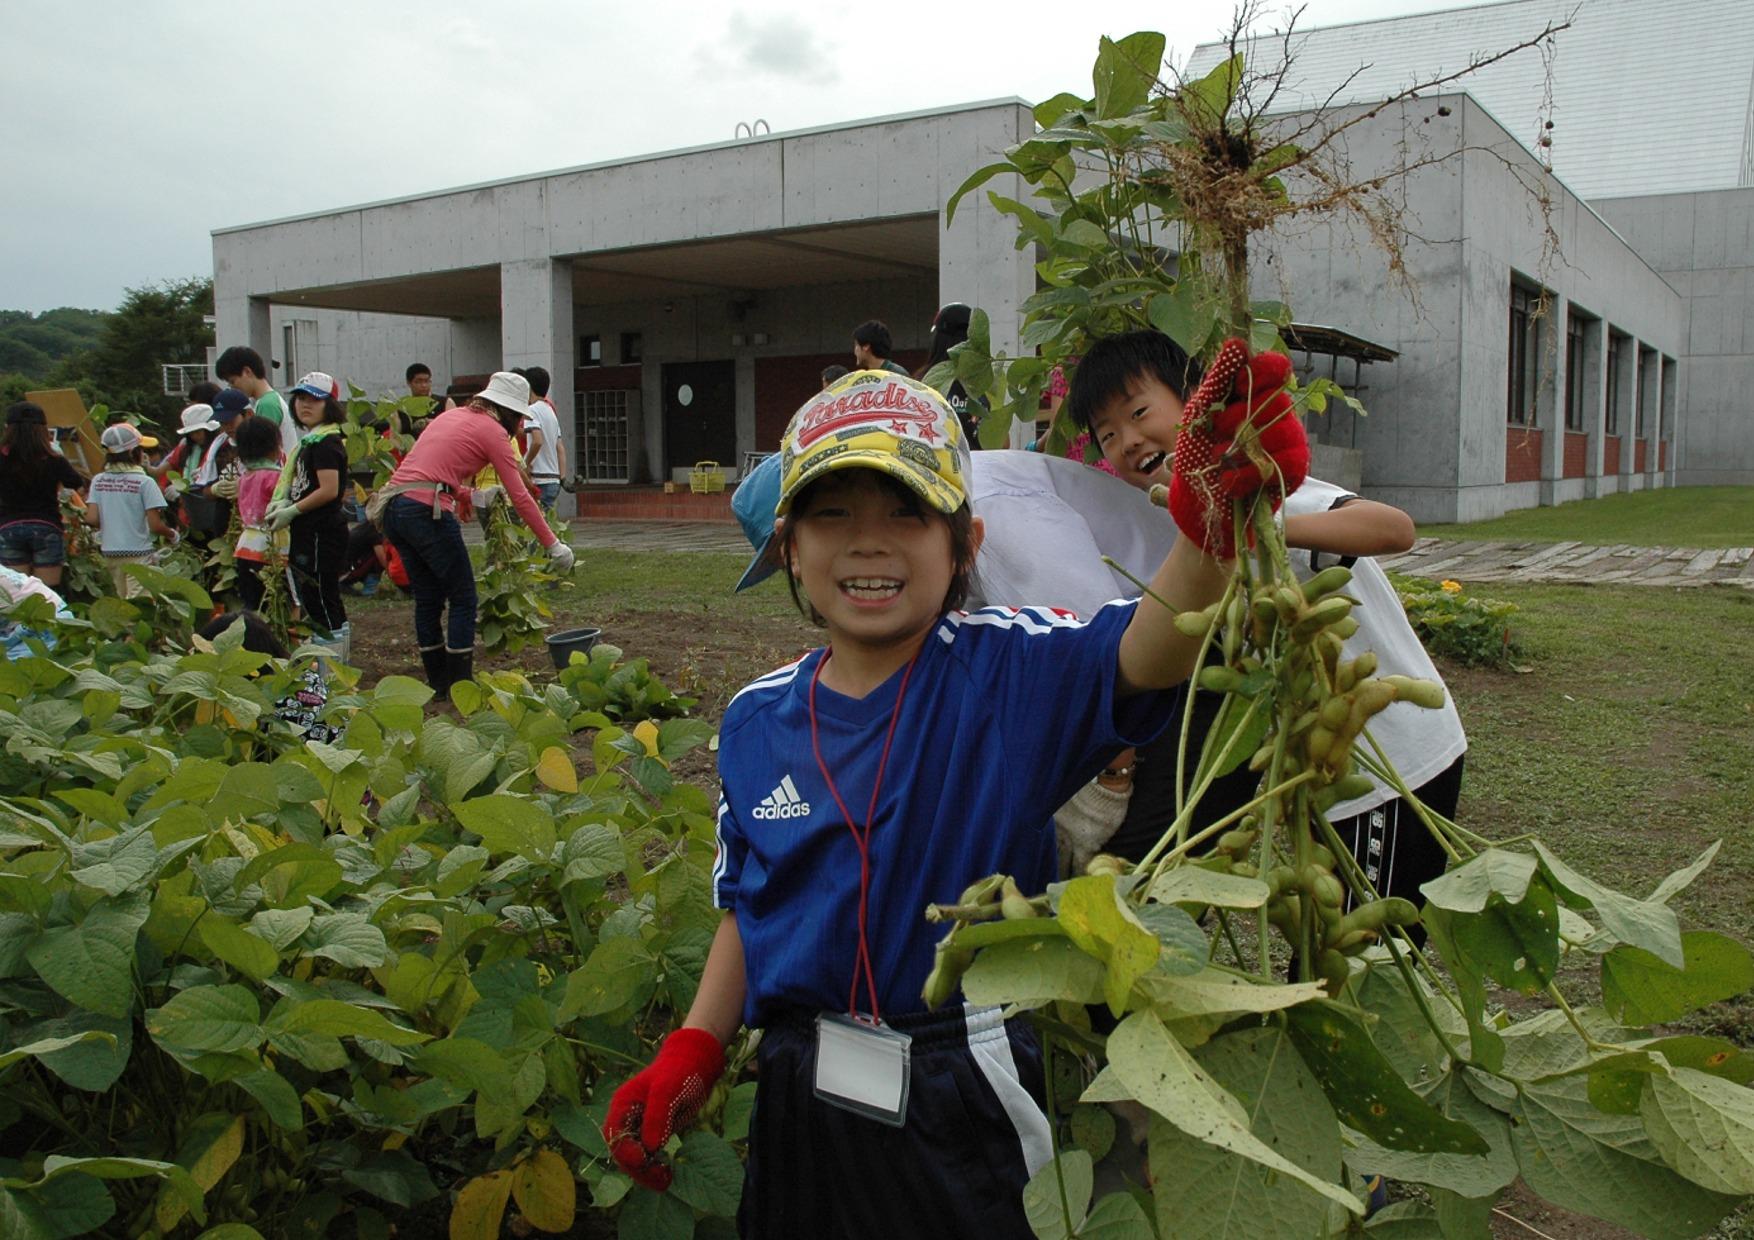 秋には農園で育った野菜を収穫する体験もできます。